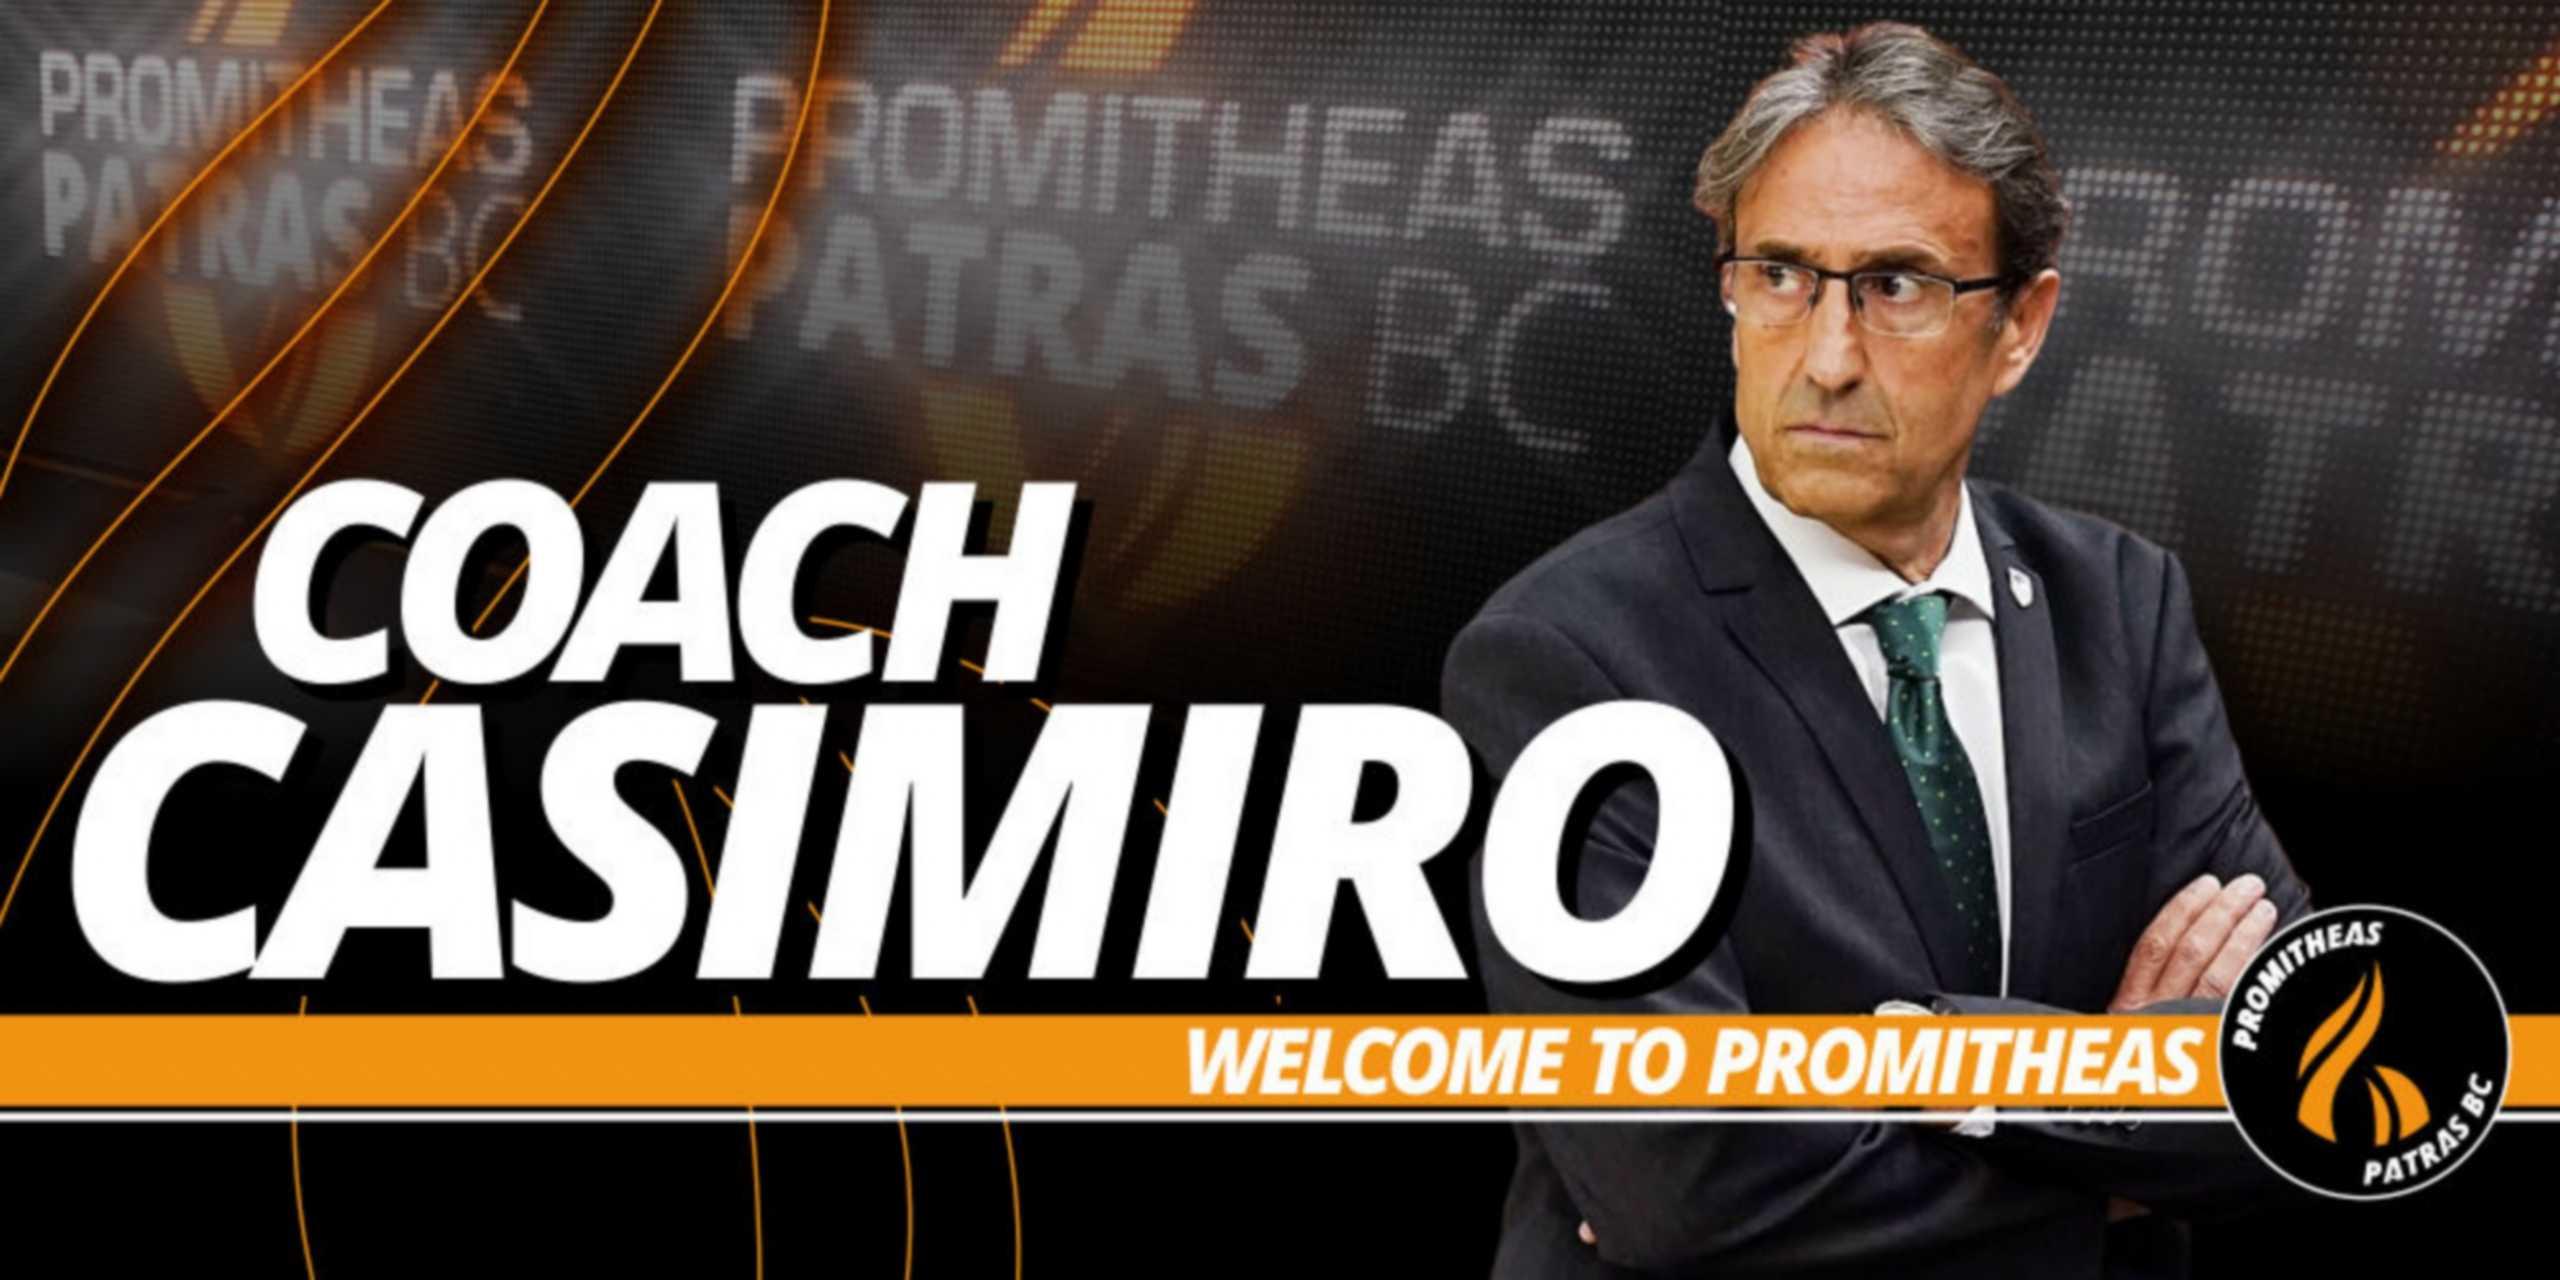 Προμηθέας Πάτρας: Επίσημα νέος προπονητής ο Κασιμίρο